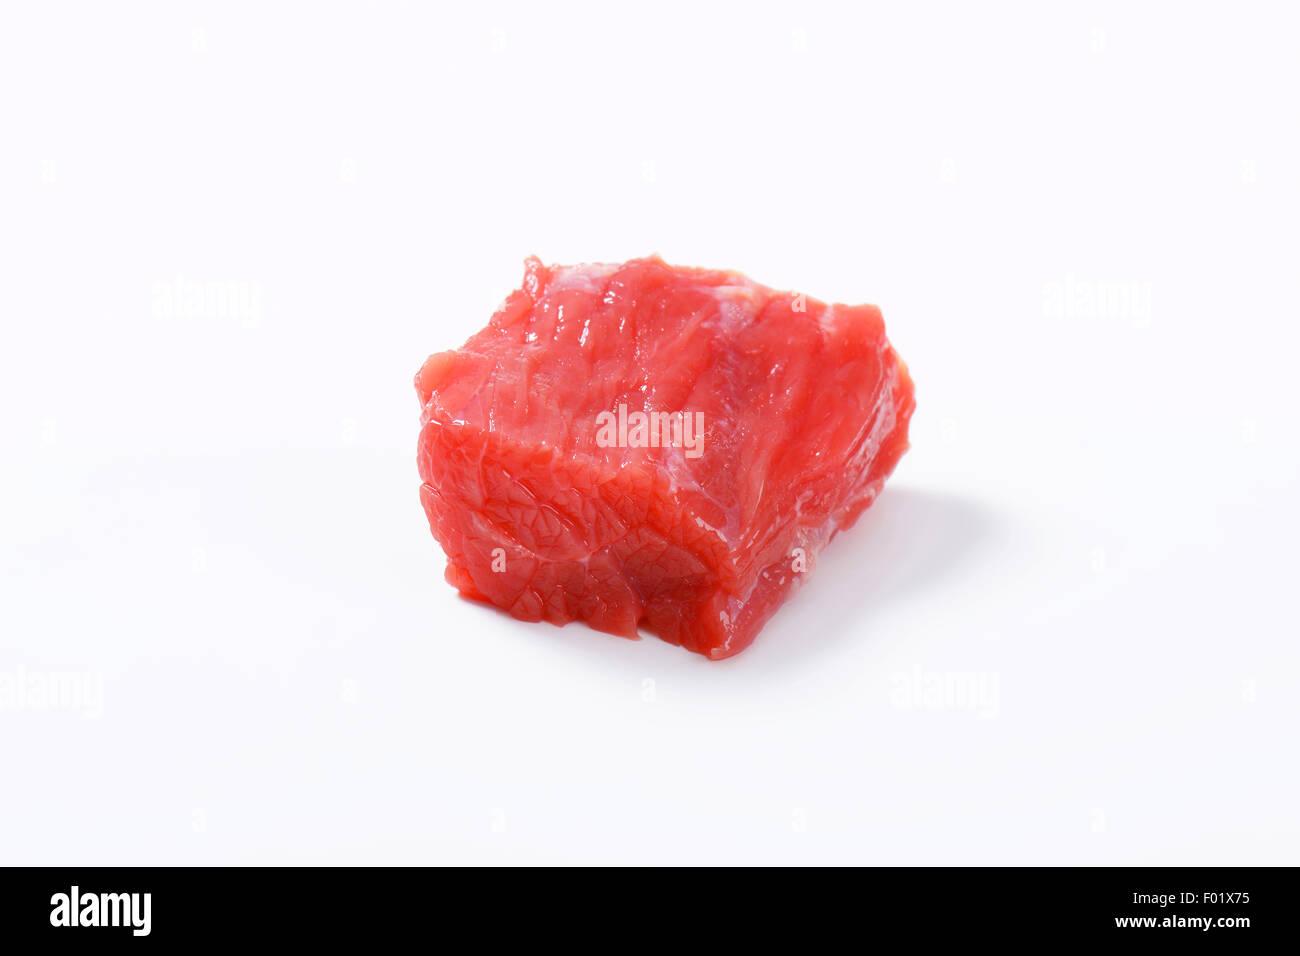 Morceau de filet de boeuf cru Photo Stock